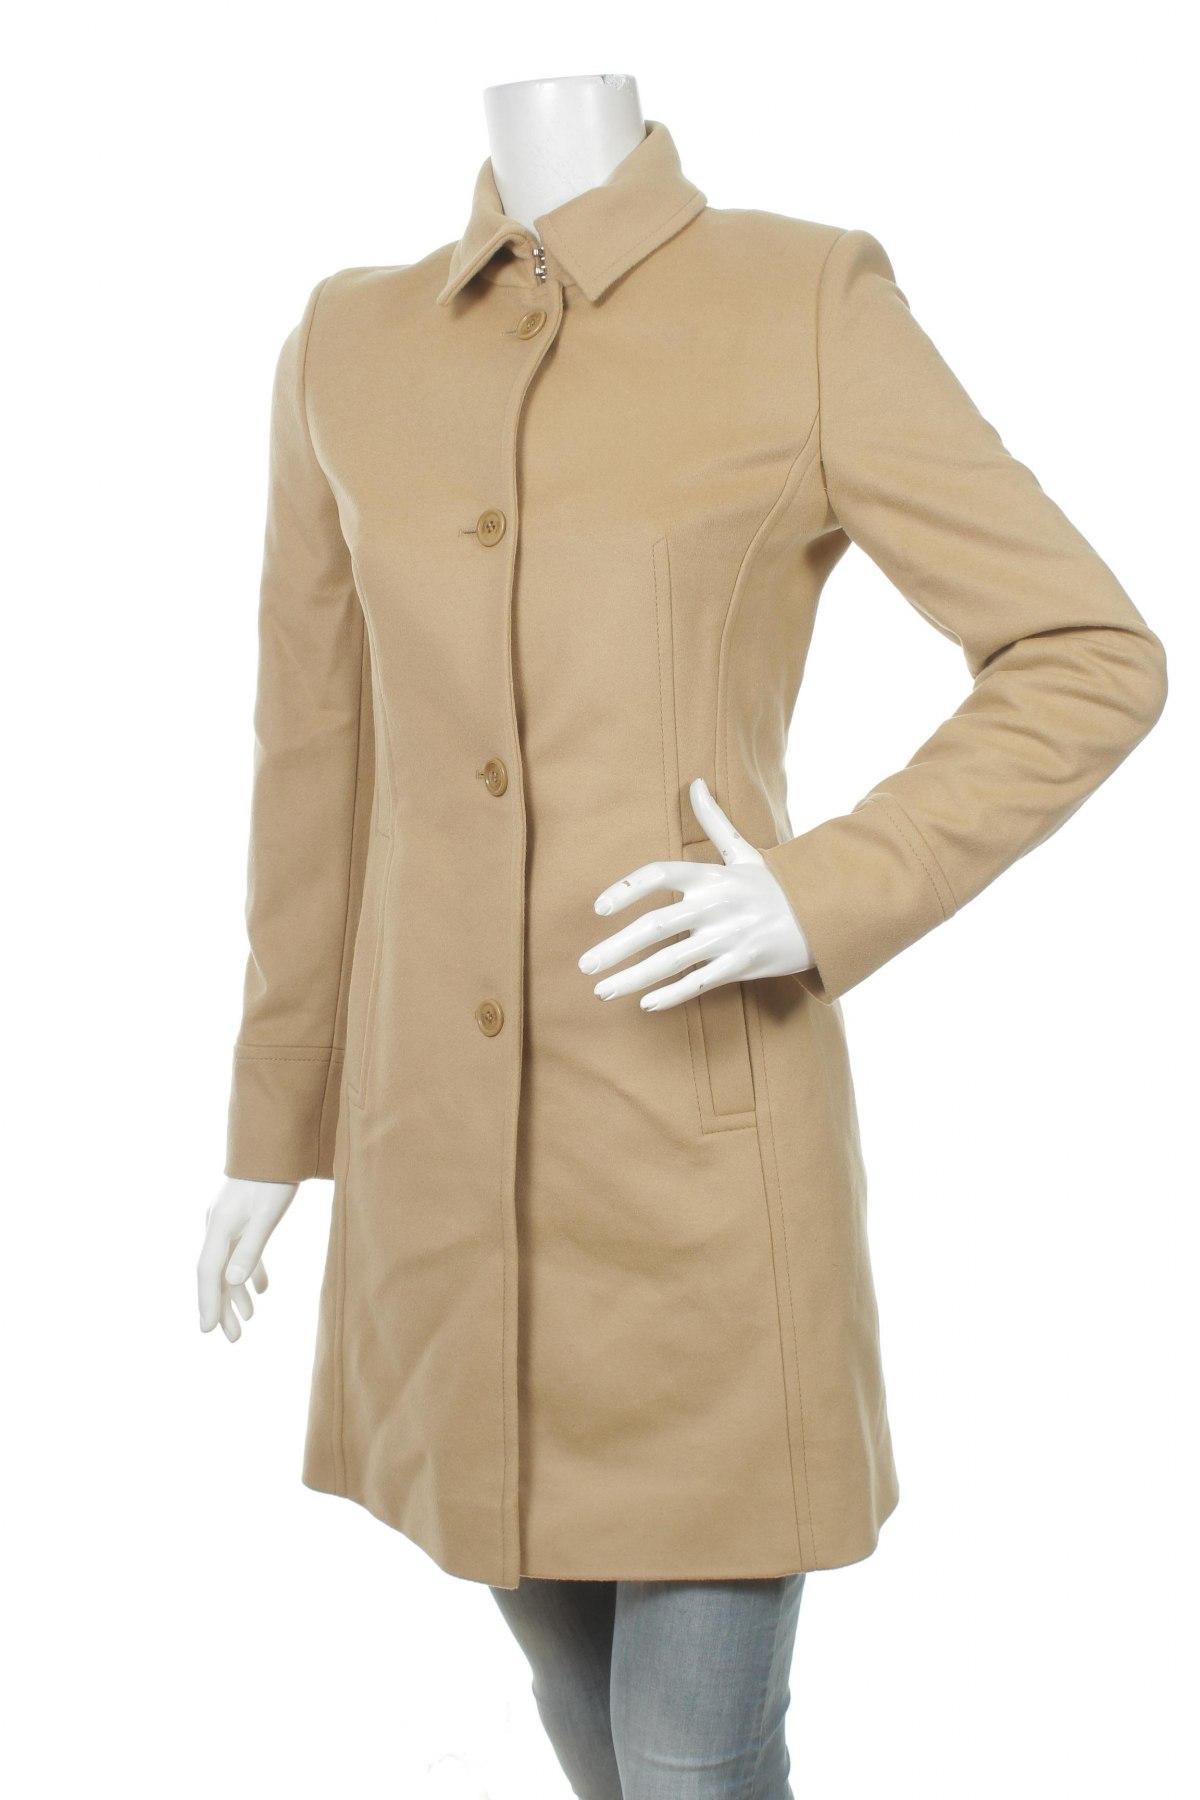 263ad40e6cf50 Damski płaszcz Hugo Boss - kup w korzystnych cenach na Remix - #9207302